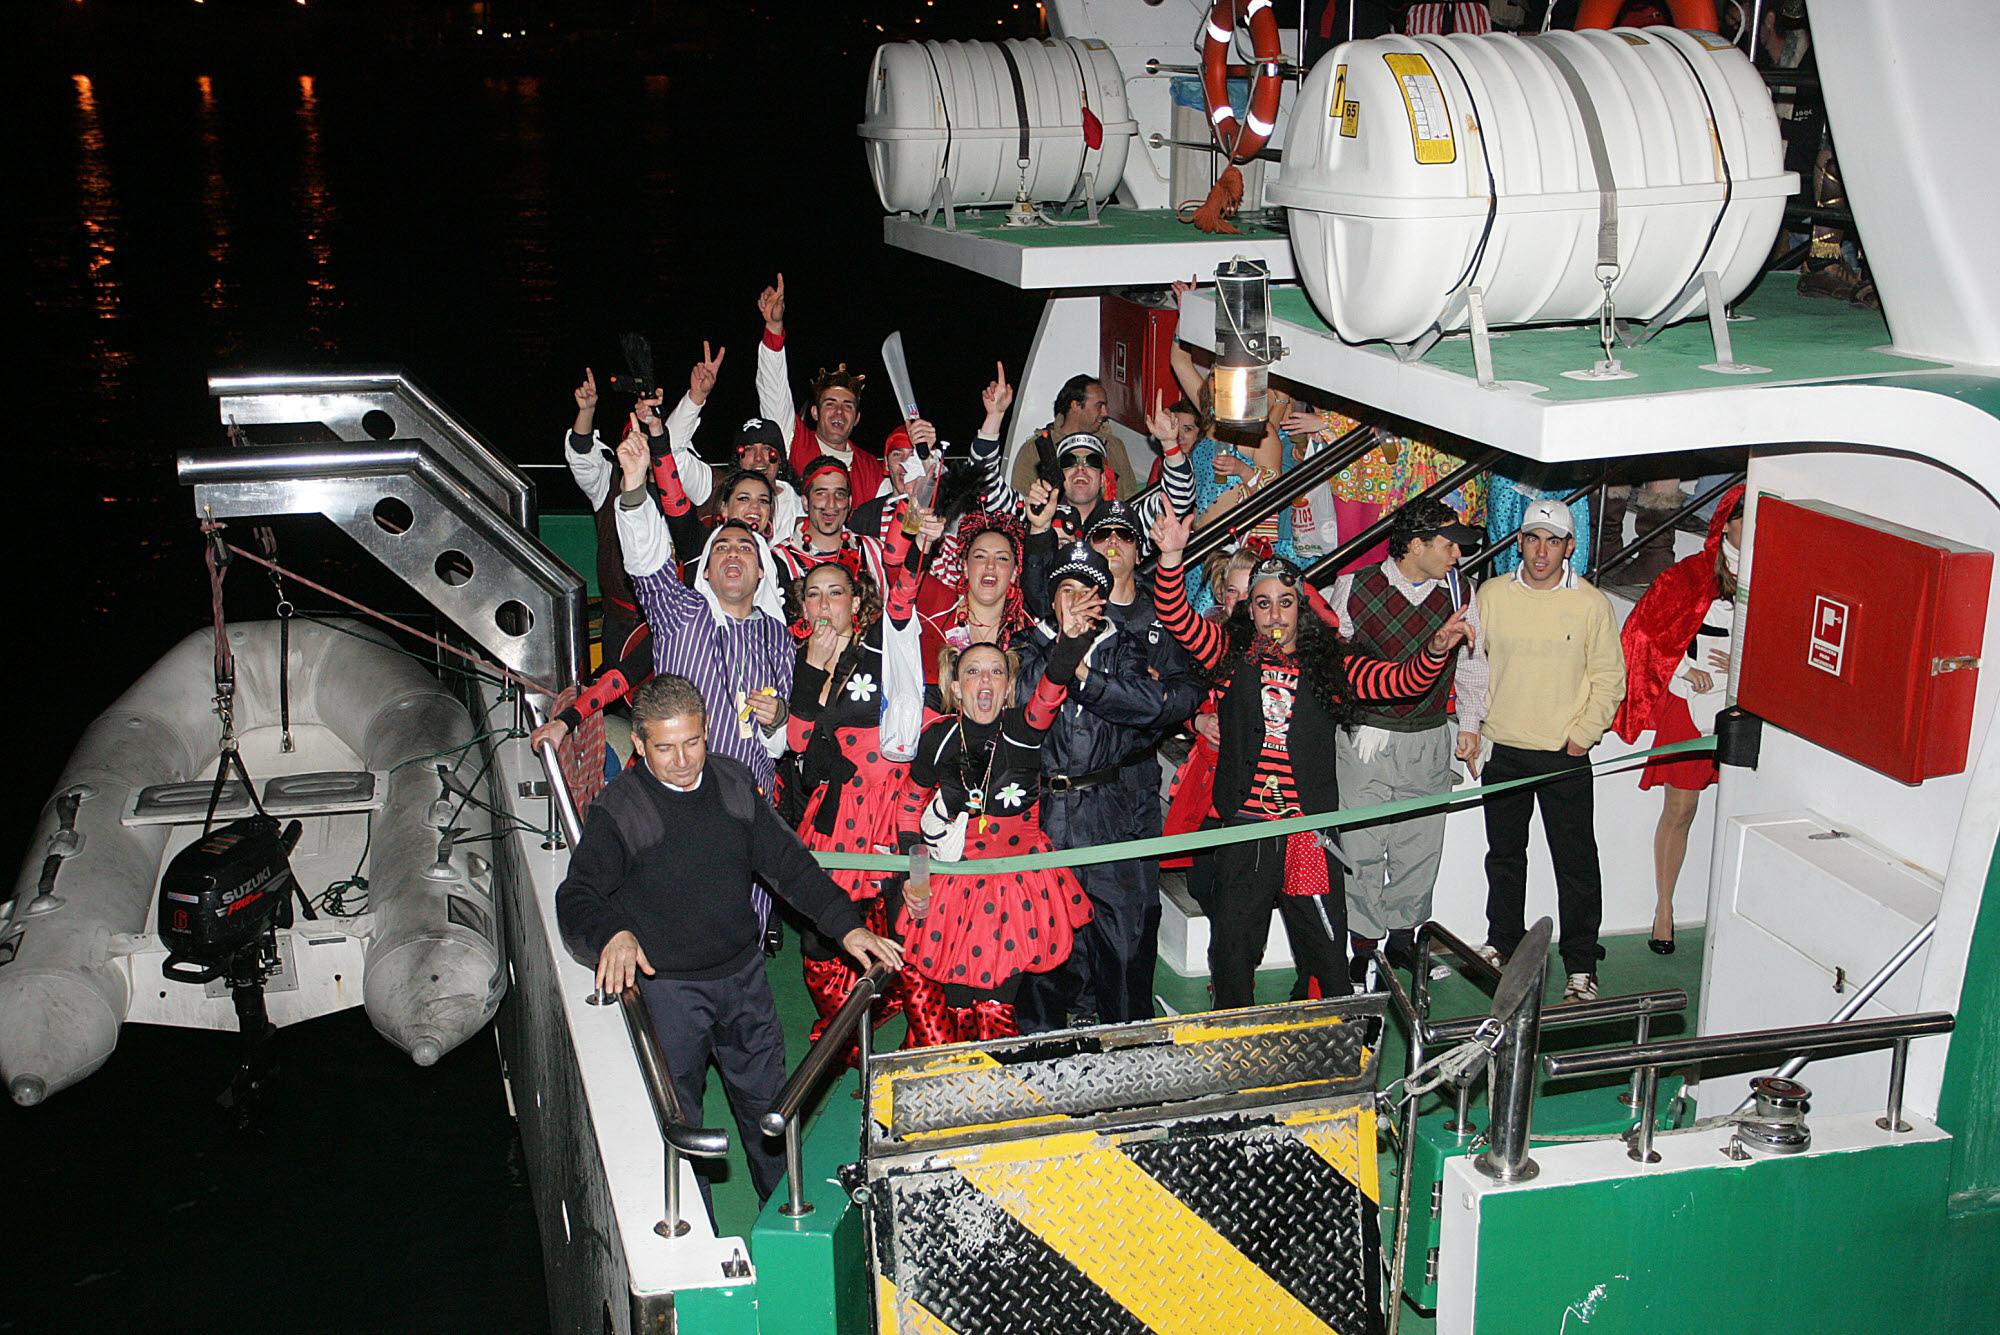 El Consorcio de Transportes aumentará el servicio de catamarán casi el doble por Carnaval